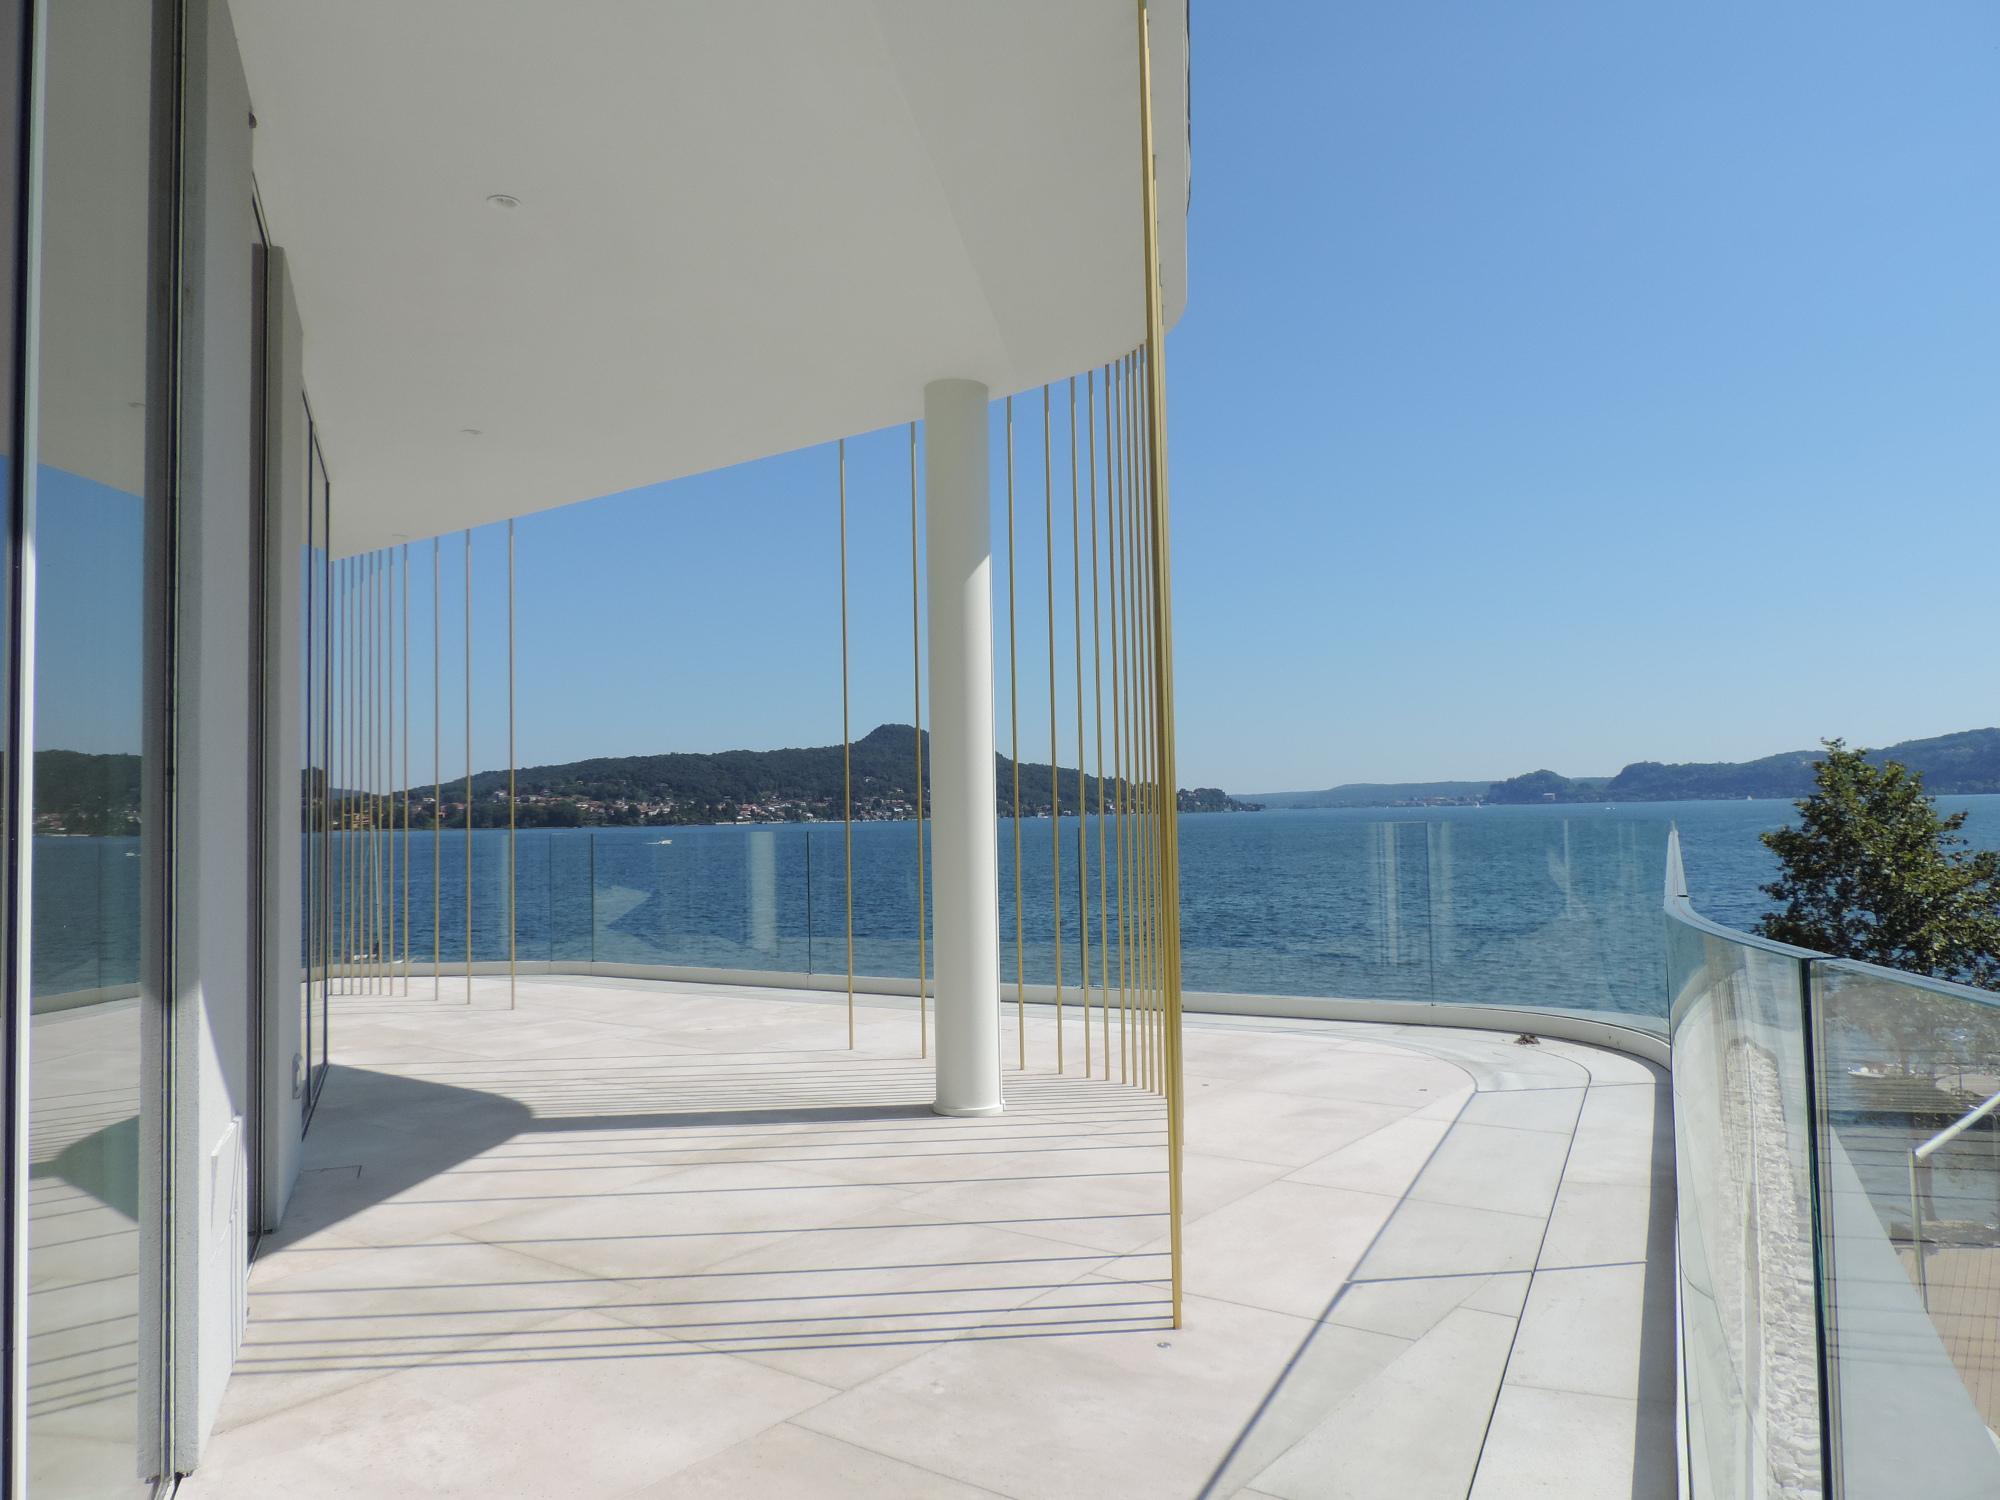 0718_RobertoManzetti-Architetto-NeuHouse-21